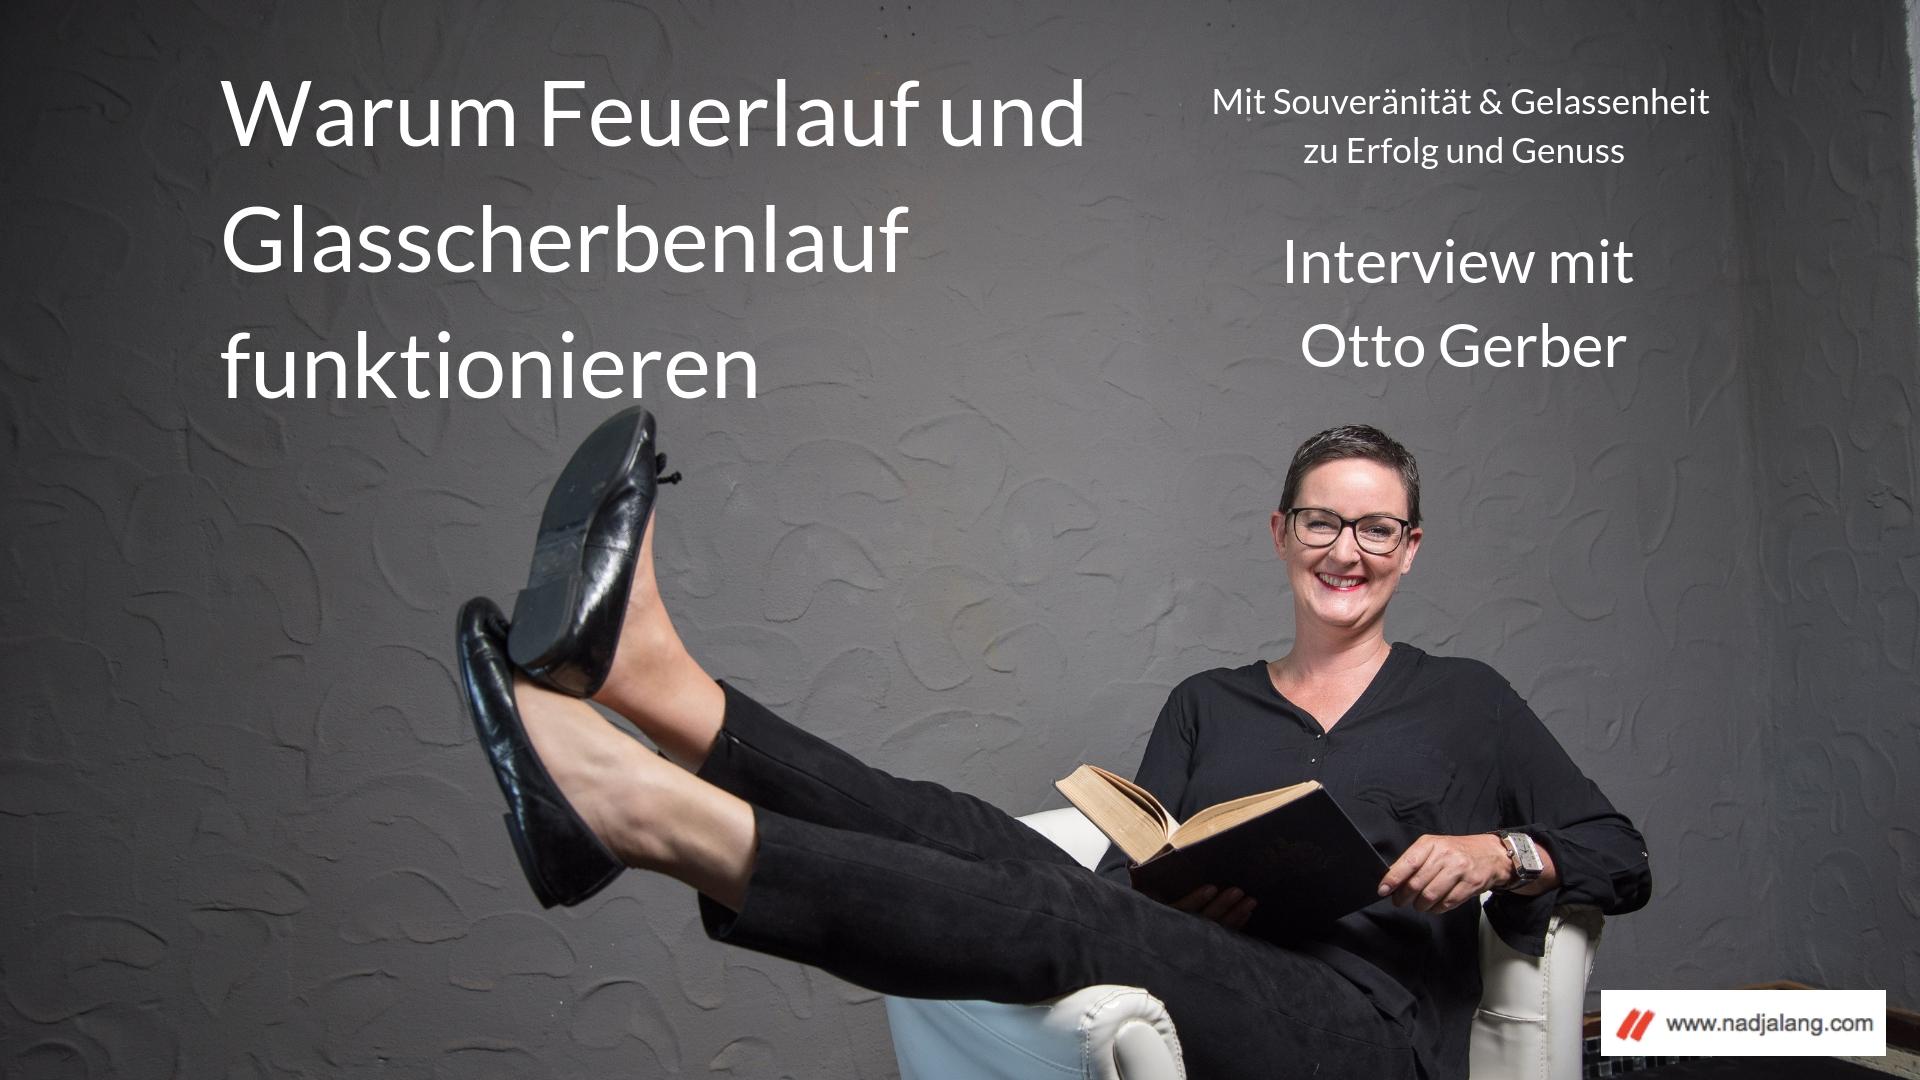 017 Interview mit Otto Gerber - Feuerlauf.jpg